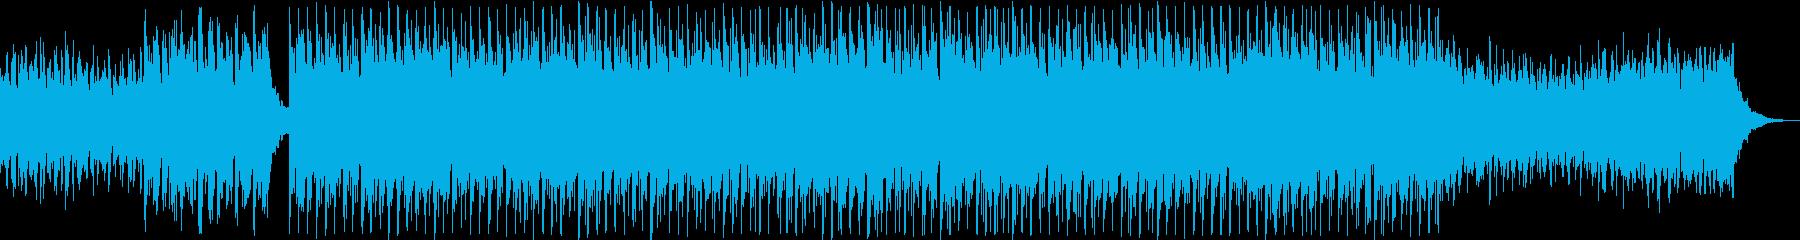 爽やかな雰囲気のエレクトロ(リミックス)の再生済みの波形